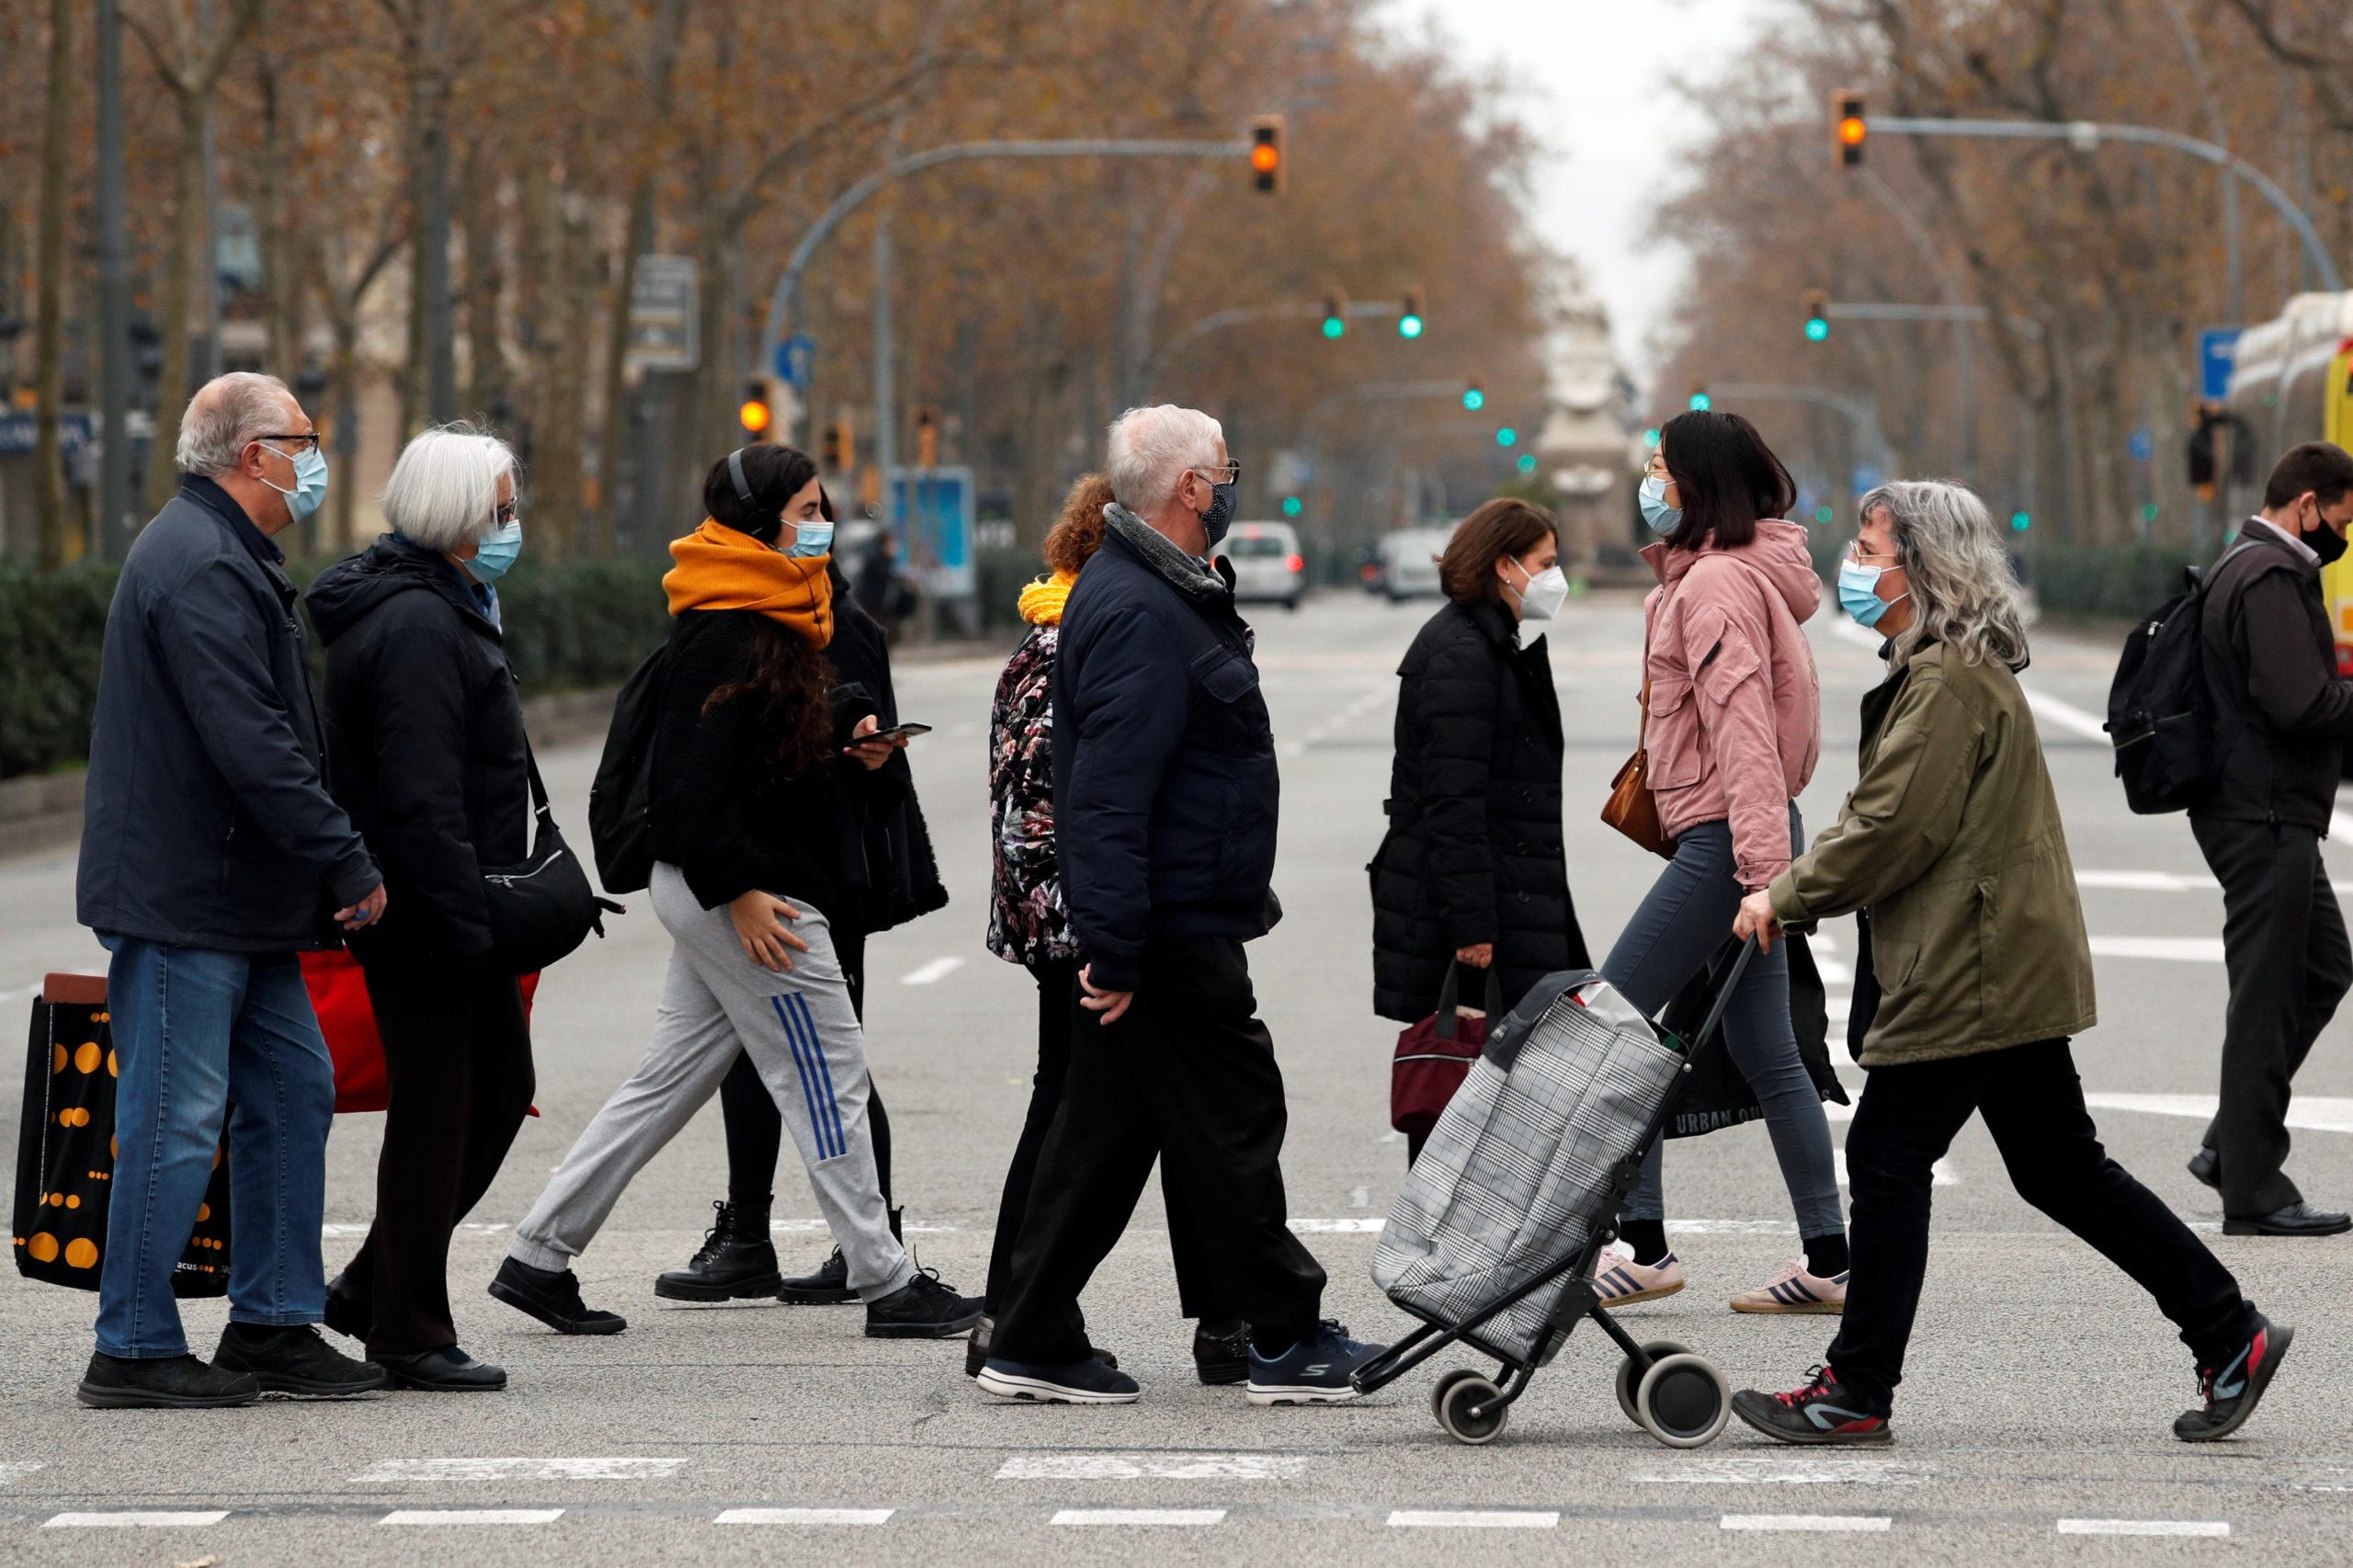 Coronavirus: L'Espagne enregistre 9.568 nouveaux cas et 345 décès